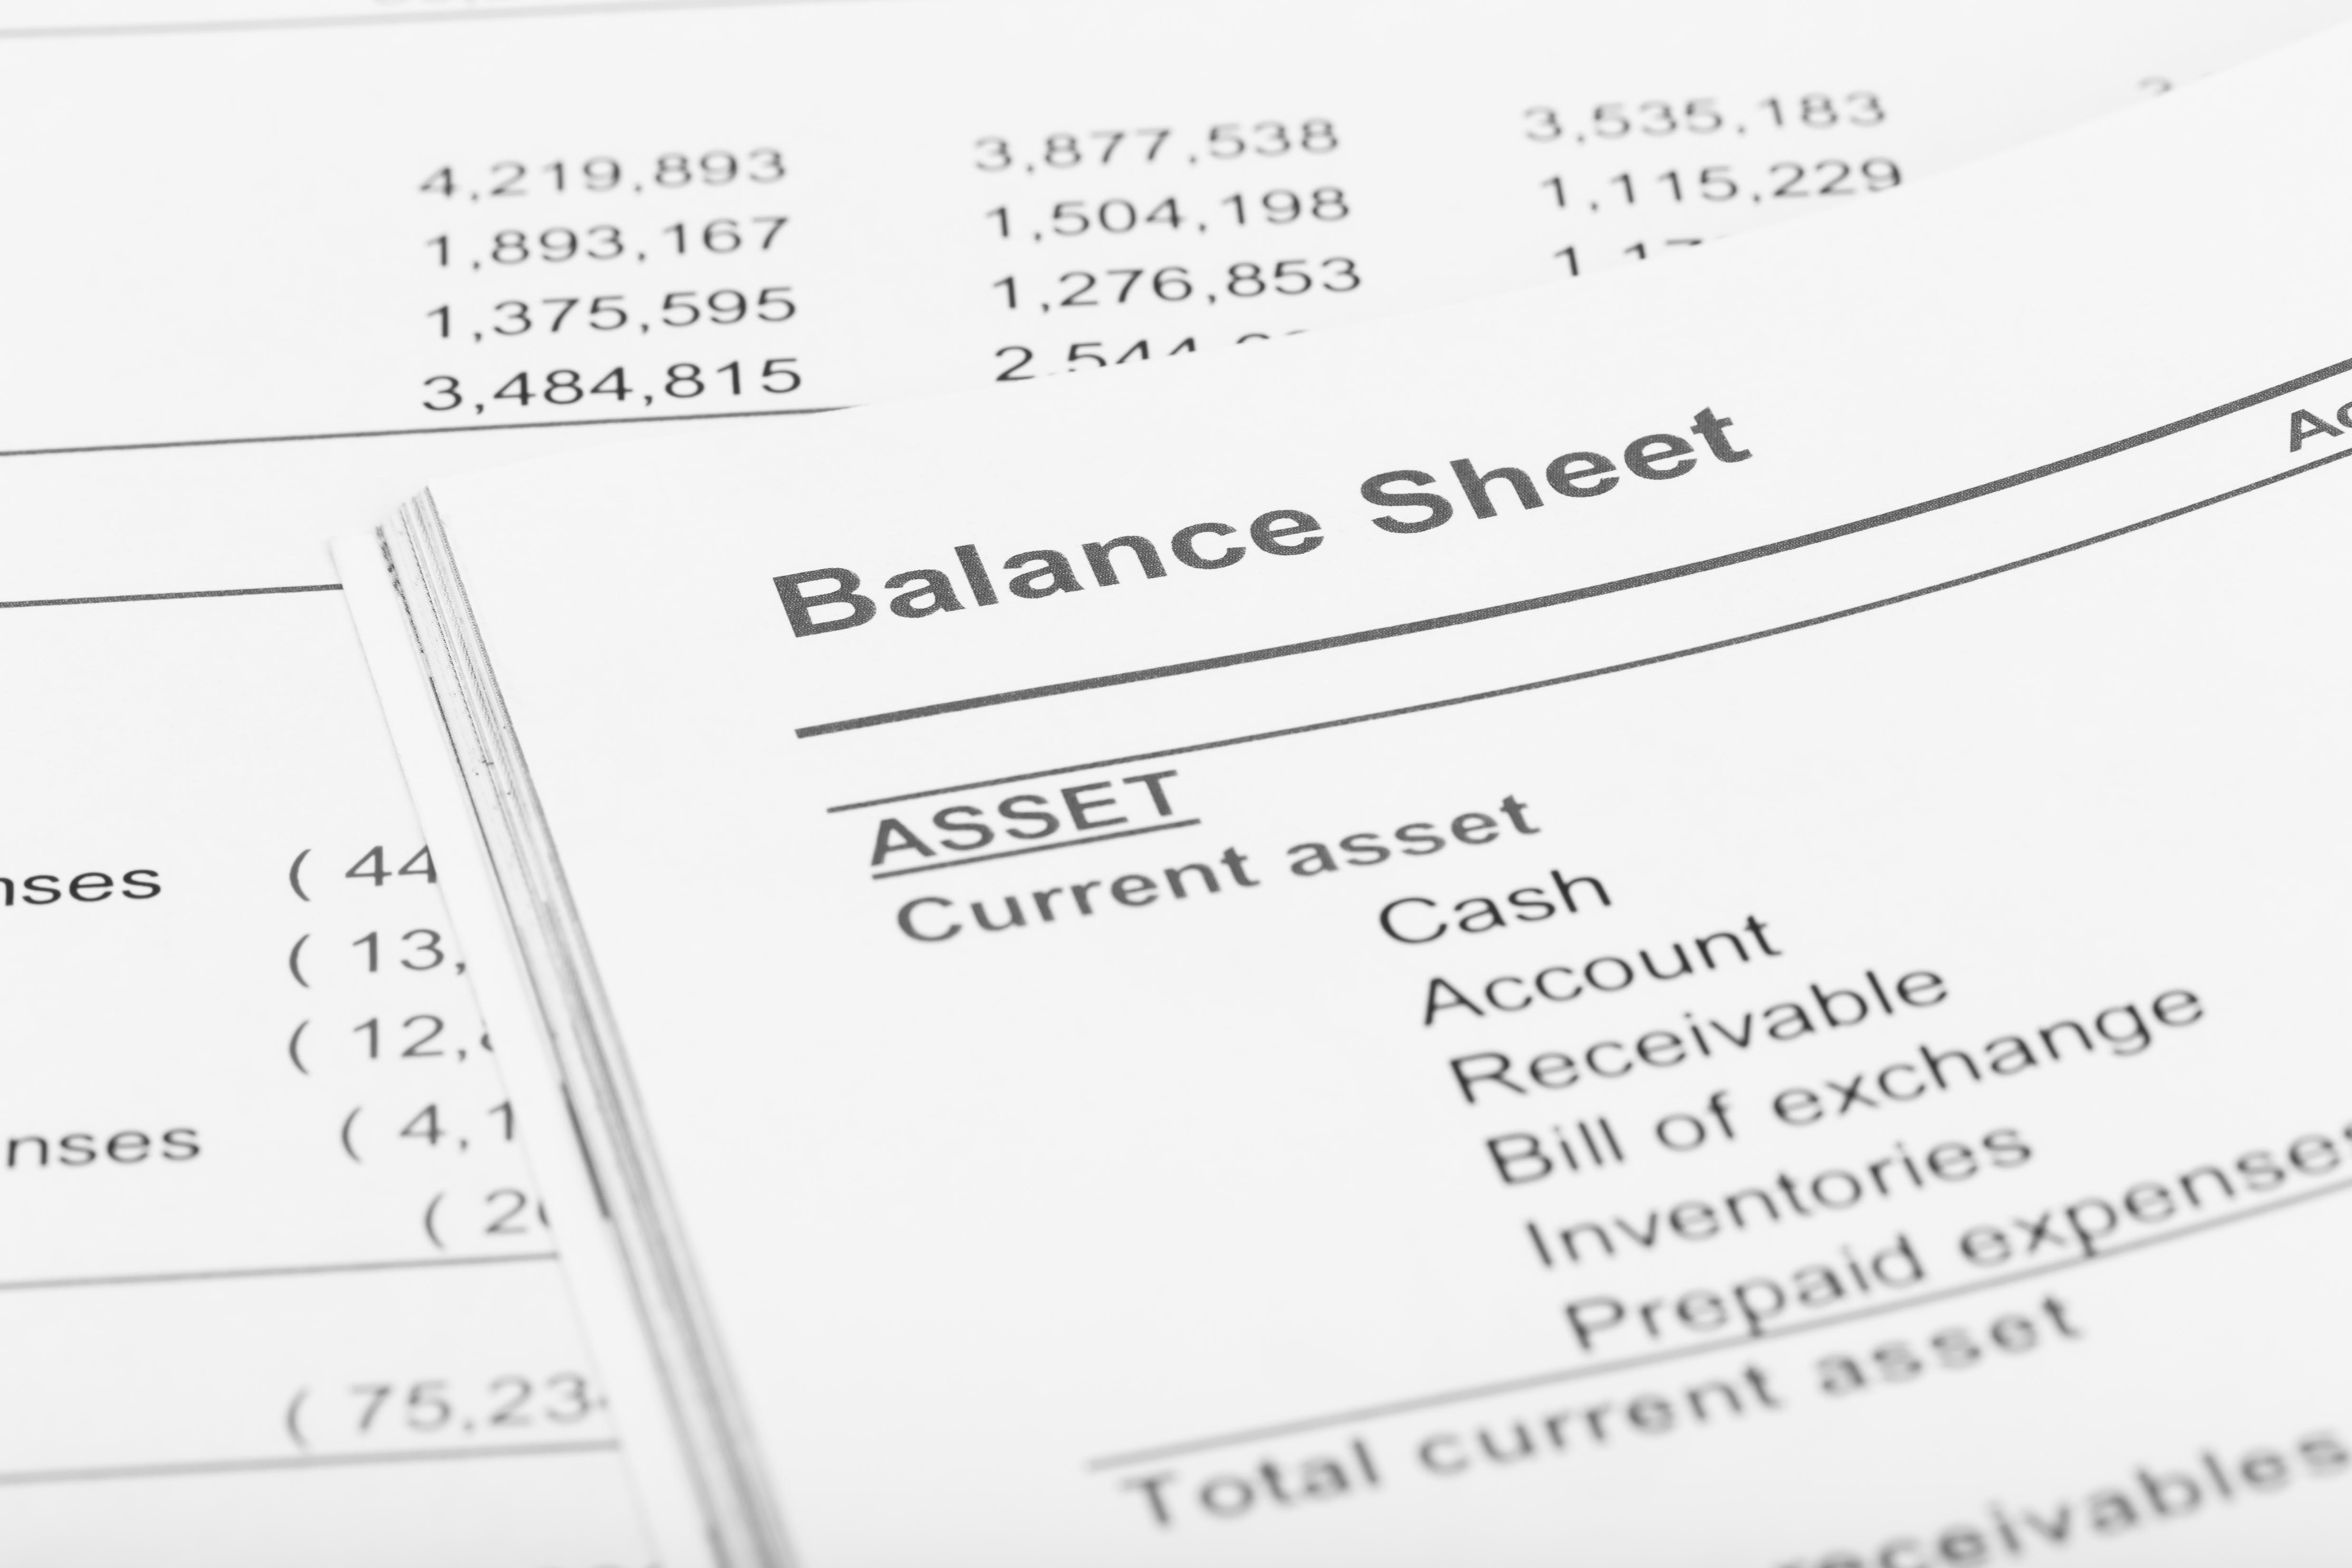 確定申告で所得拡大促進税制の適用漏れに注意  所得税 法人税 税理士 会計士 富山